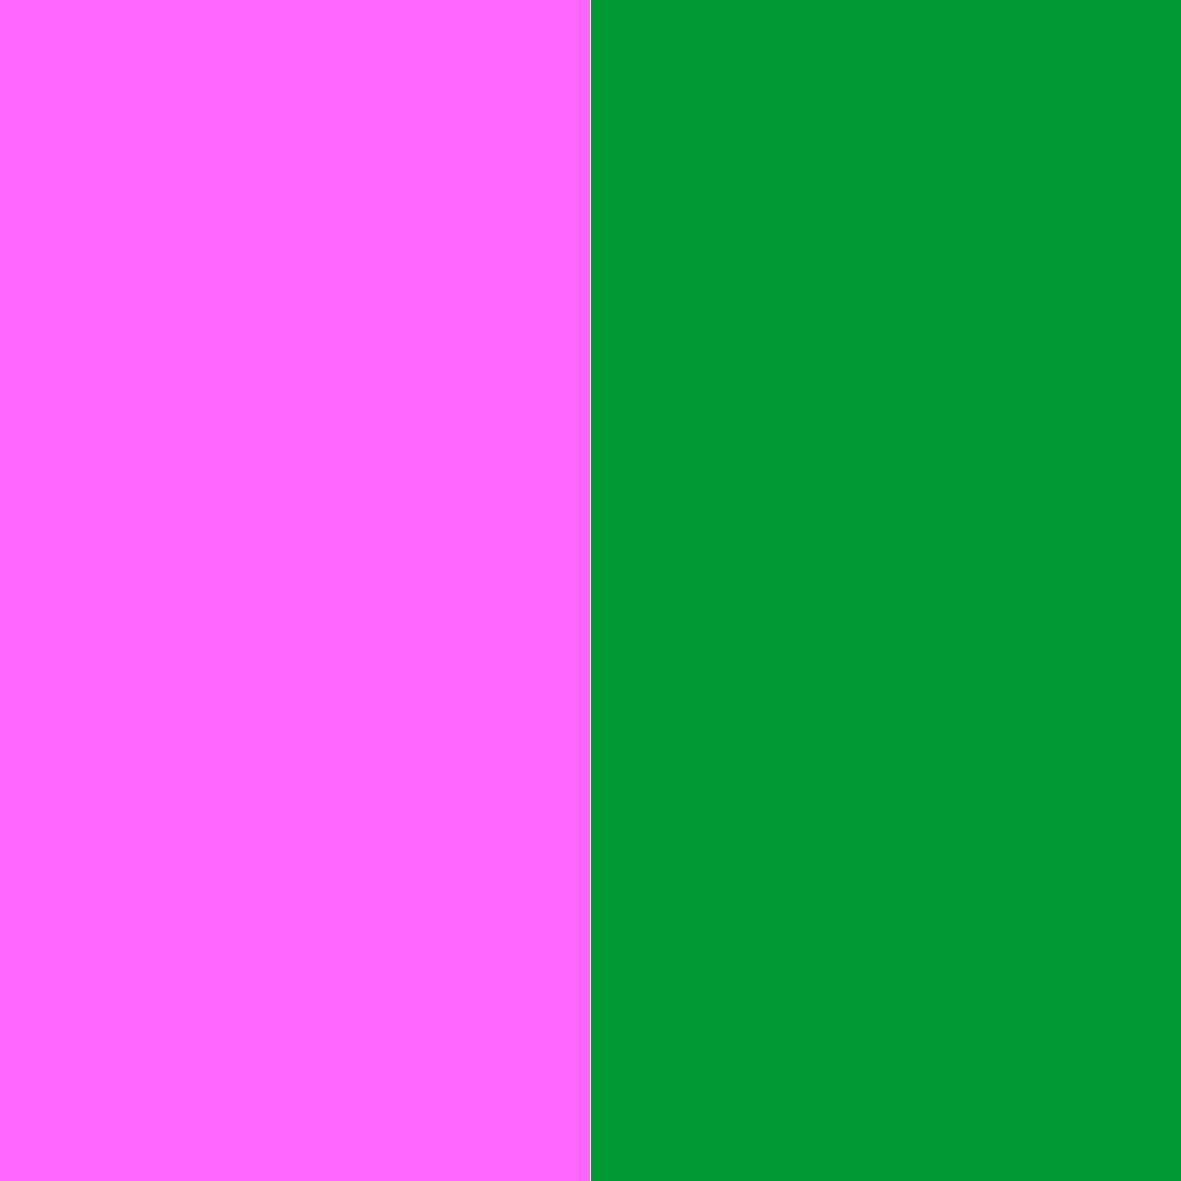 розовый/зеленый_FF66FF/009933